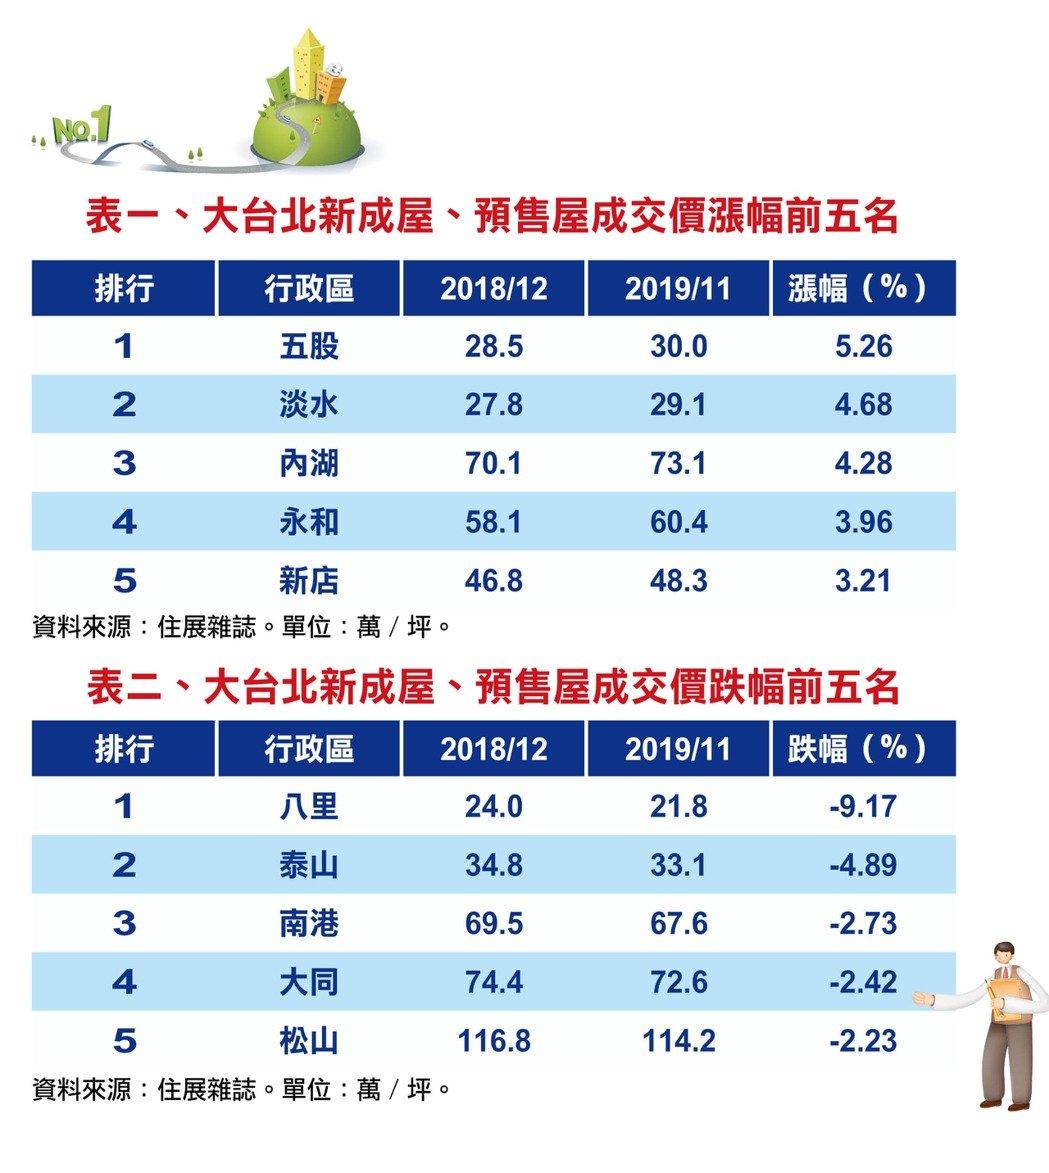 大台北新房成交价涨跌前5名地区